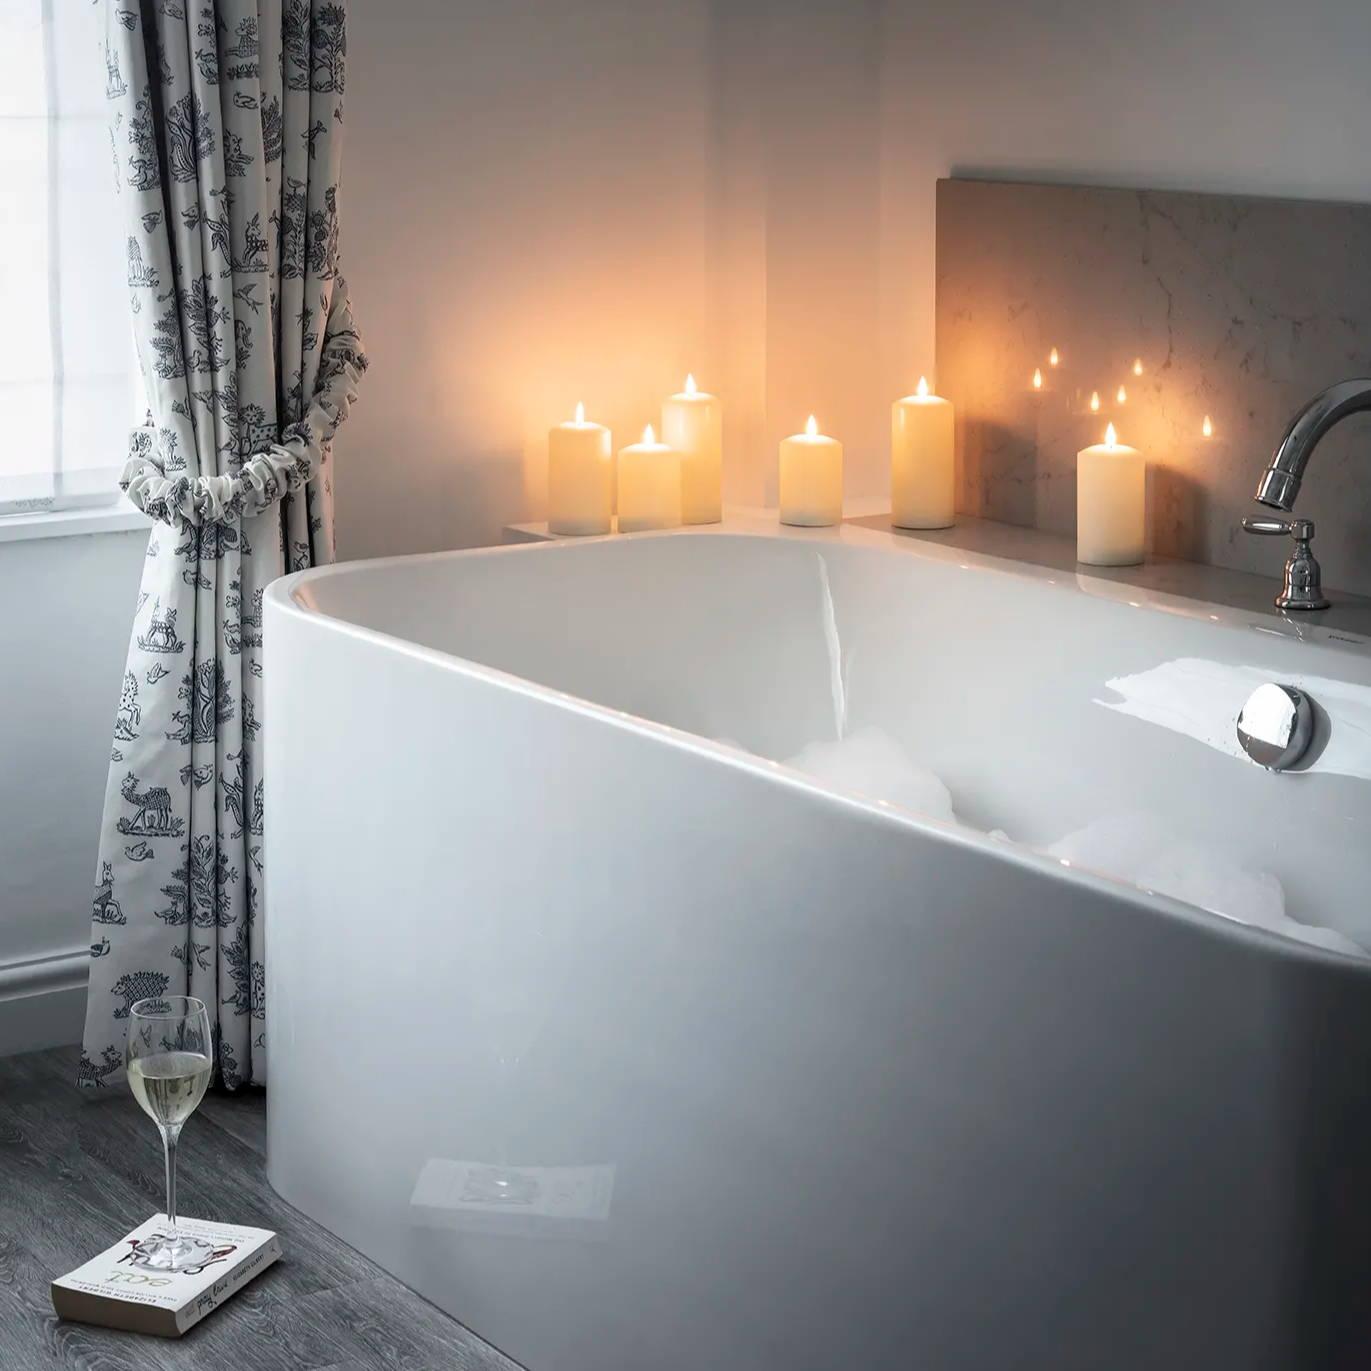 Weiße TruGlow LED Kerzen als Badeimmerdeko mit Badewanne und Fenster.